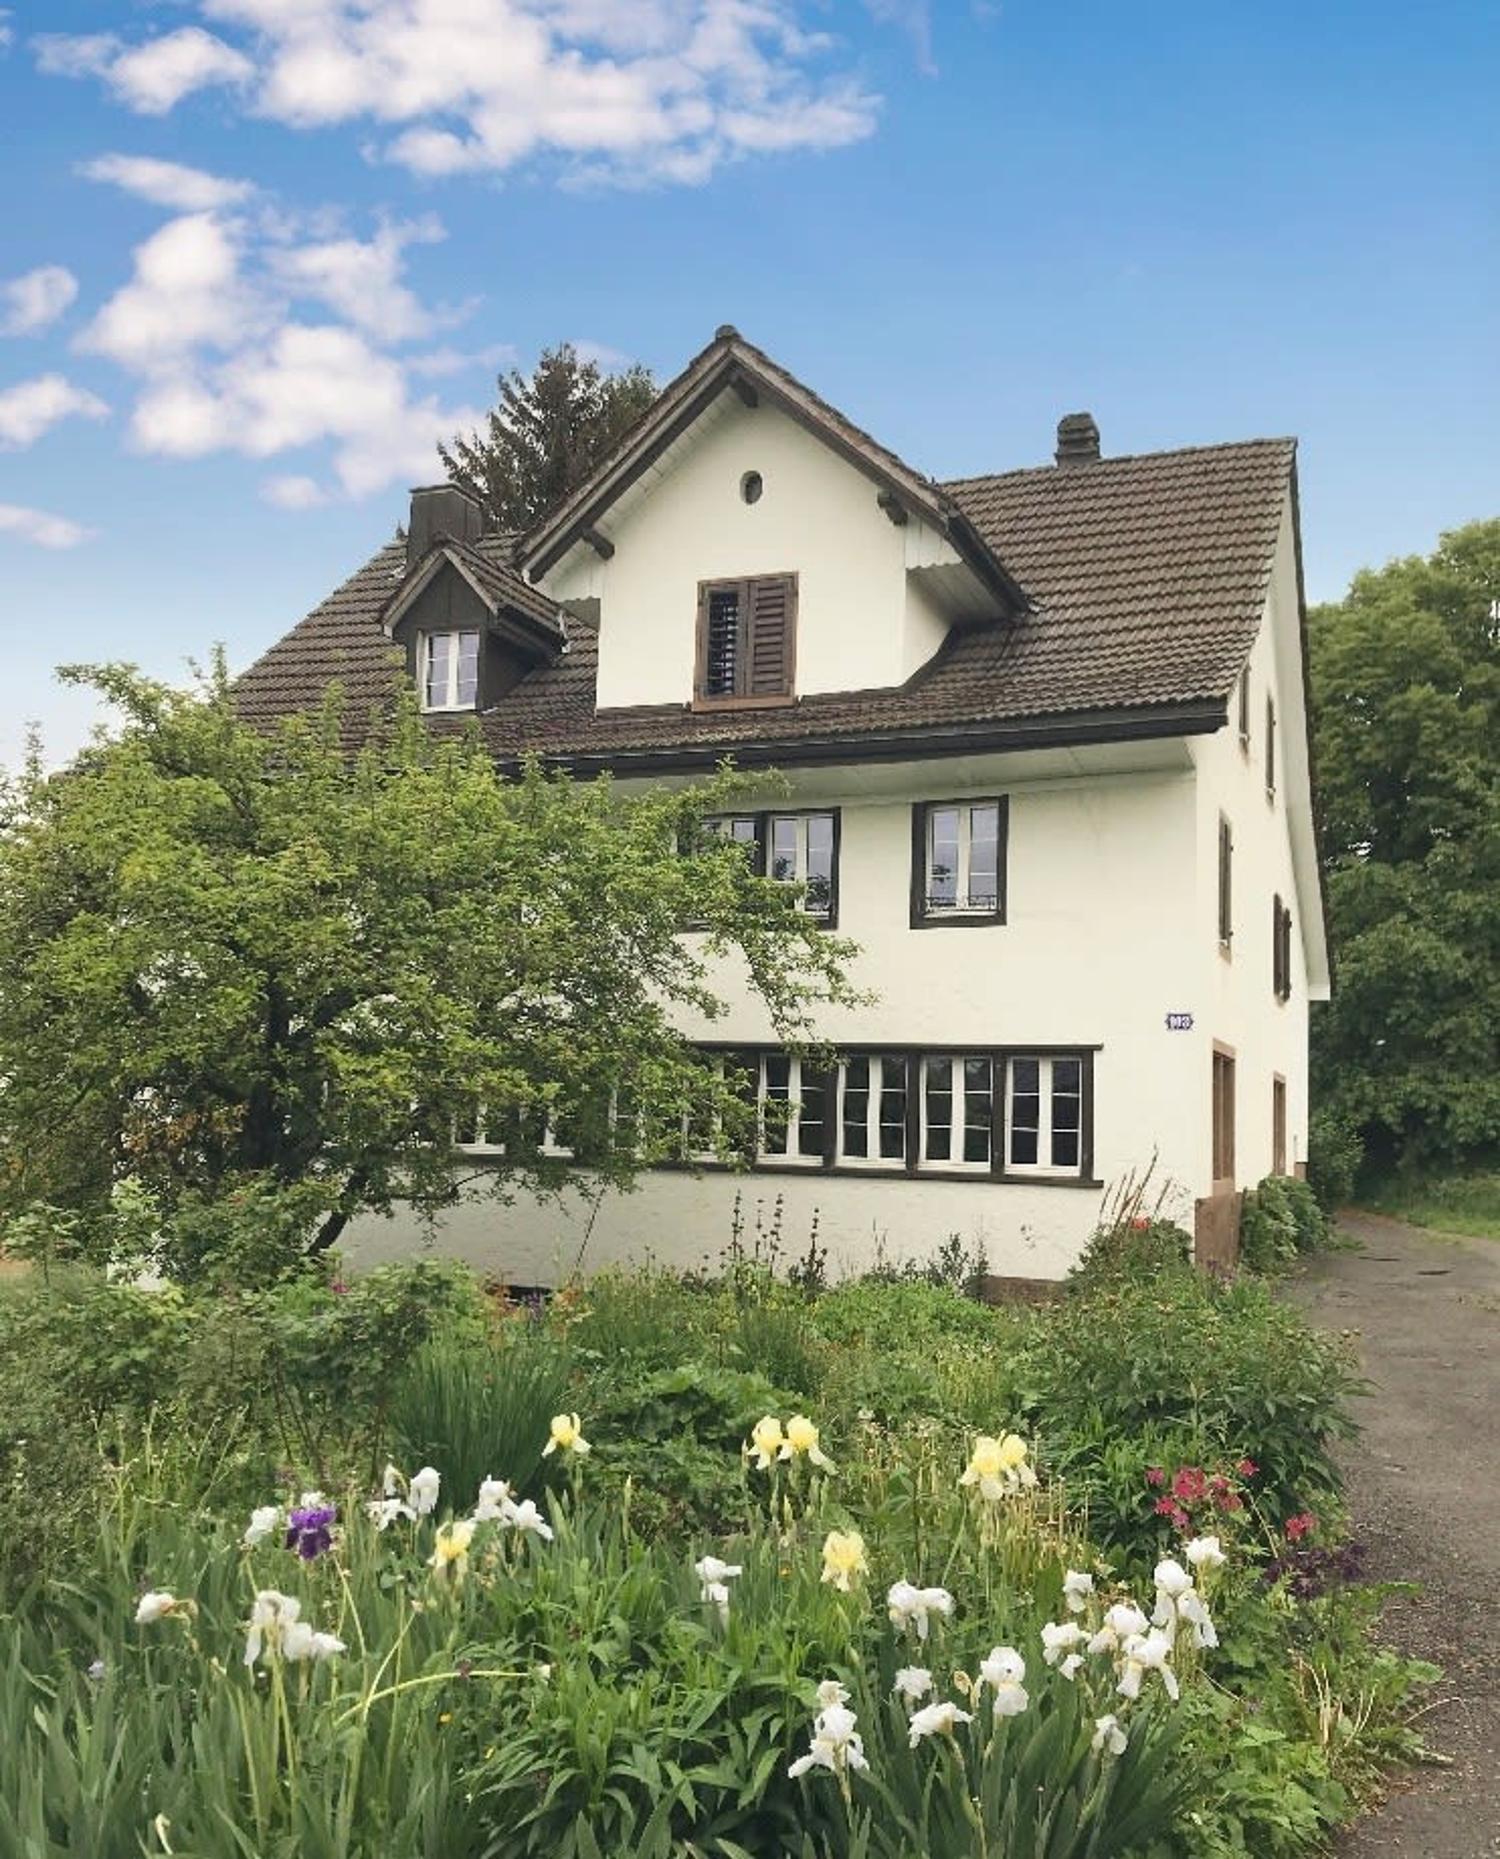 Kradolf-Schnenberg Single Kennenlernen Freizeit Singles In